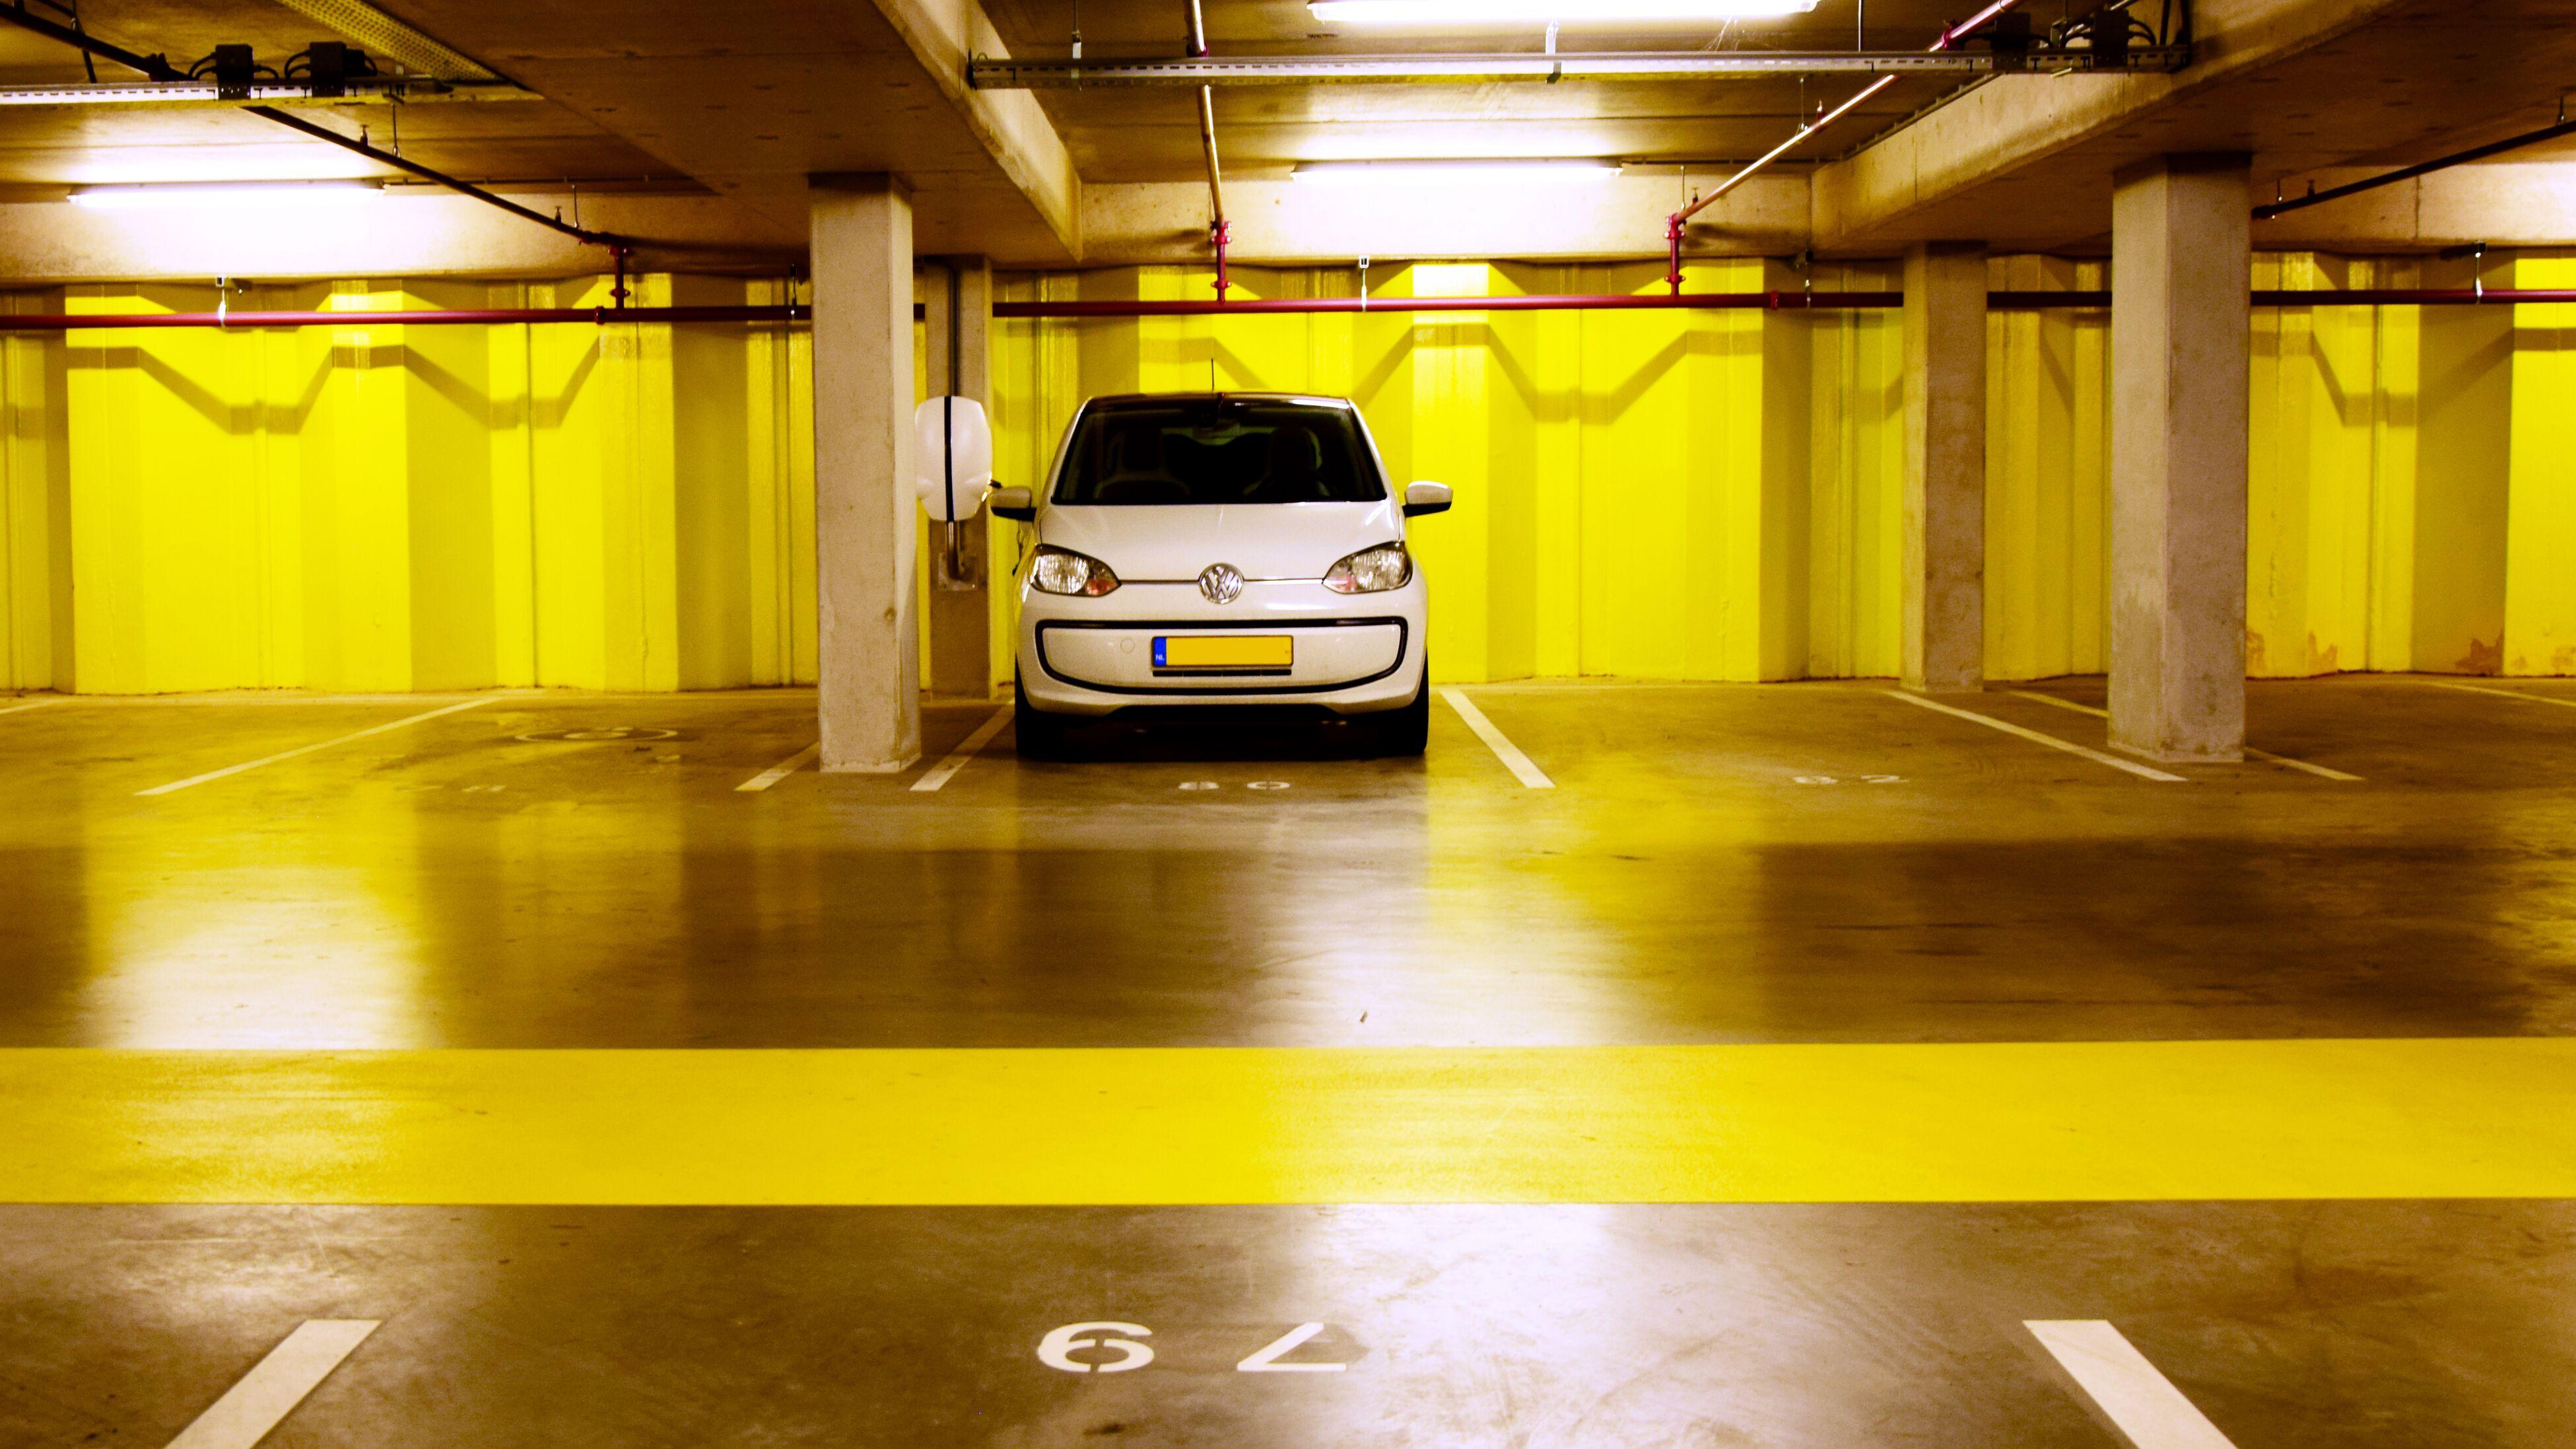 Borne EVBox BusinessLine dans un parking